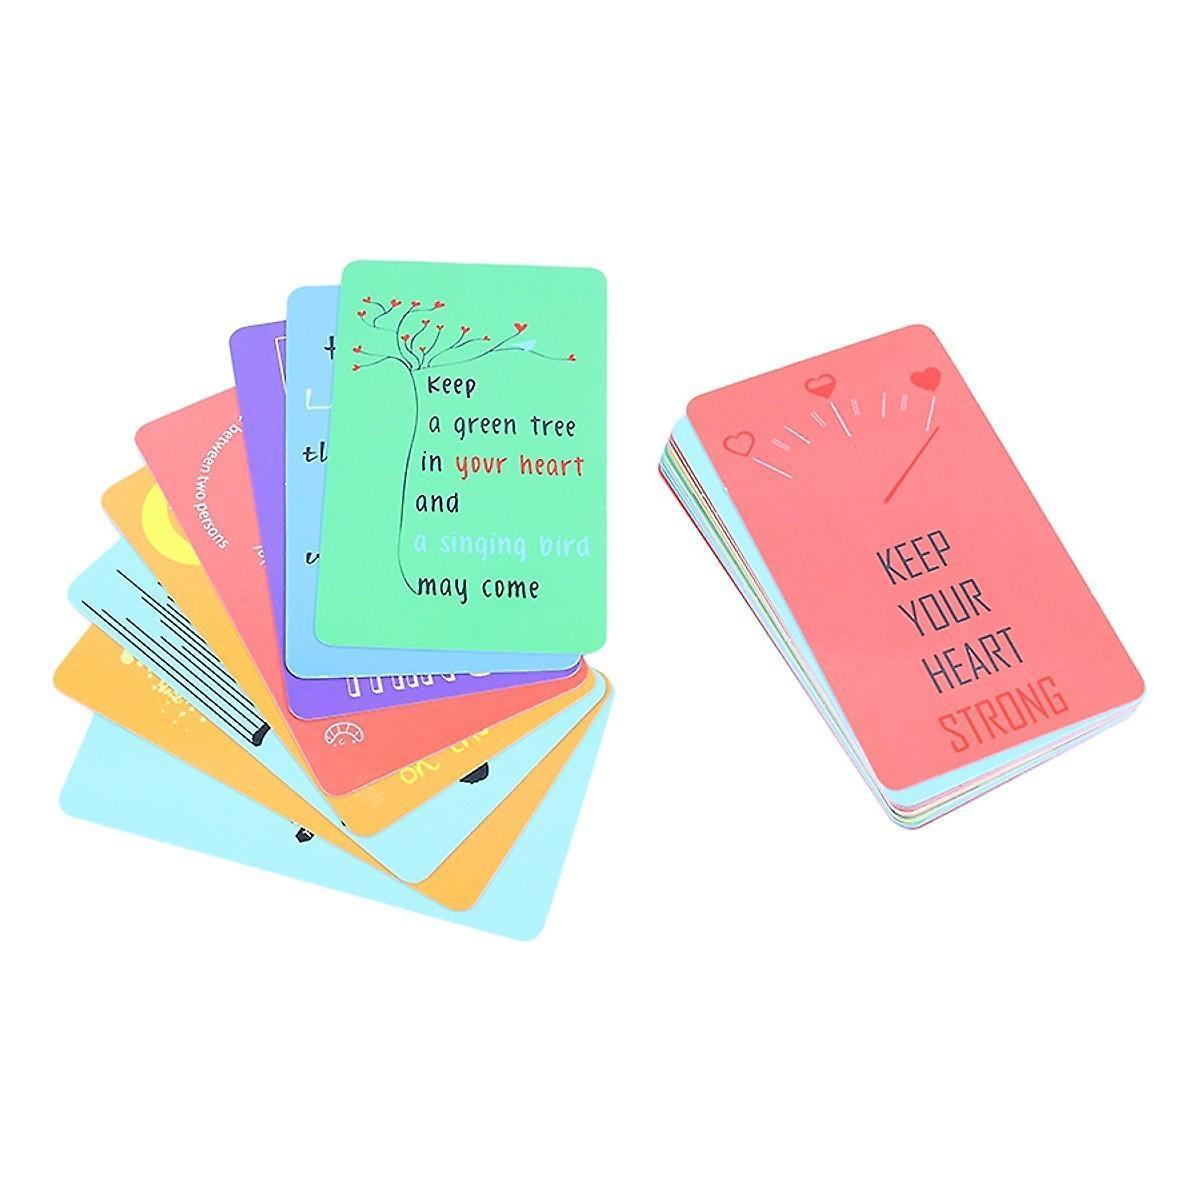 Combo 3 Cuốn Sách Kỹ Năng Làm Việc Thay Đổi Con Người Bạn: Người Nam Châm - Bí Mật Của Luật Hấp Dẫn (Tái Bản) + 13 Nguyên Tắc Nghĩ Giàu Làm Giàu - Think And Grow Rich (Tái Bản) + Tuần Làm Việc 4 Giờ (Tái Bản) / Tặng Kèm Bookmark Thiết Kế Happy Life